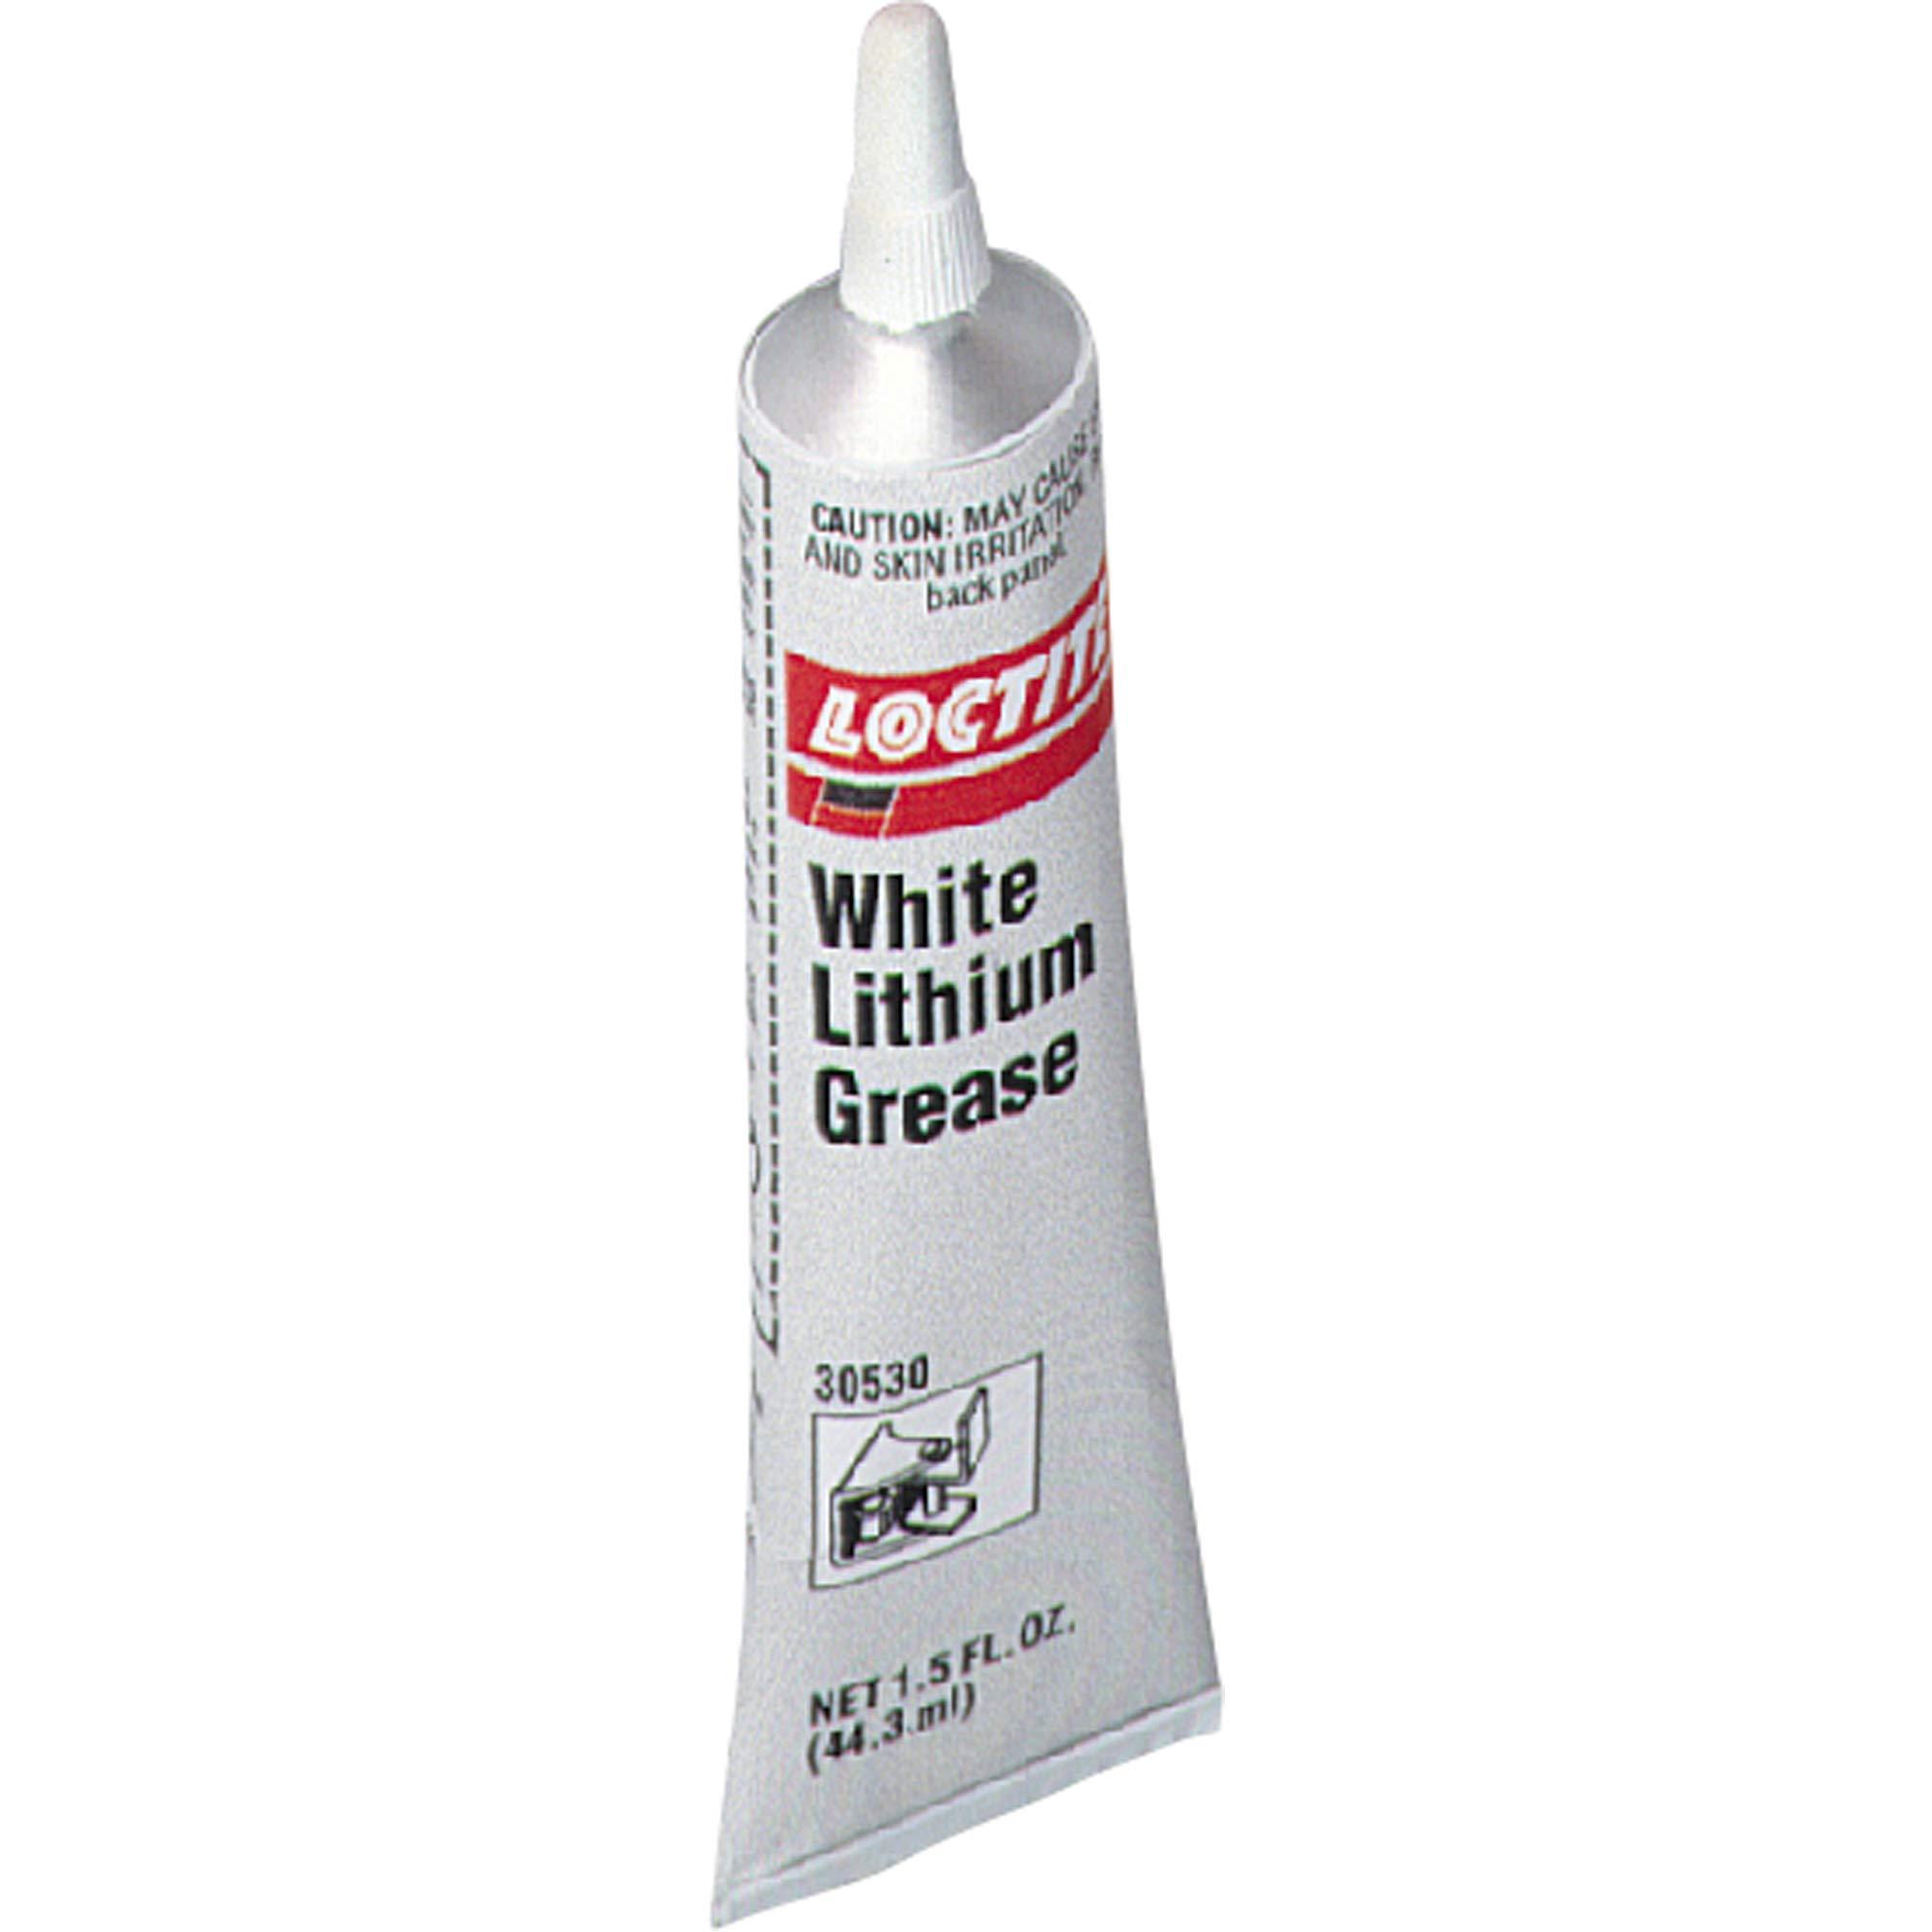 Loctite 30530 1.5-Oz. White Lithium Grease (1 Tube)